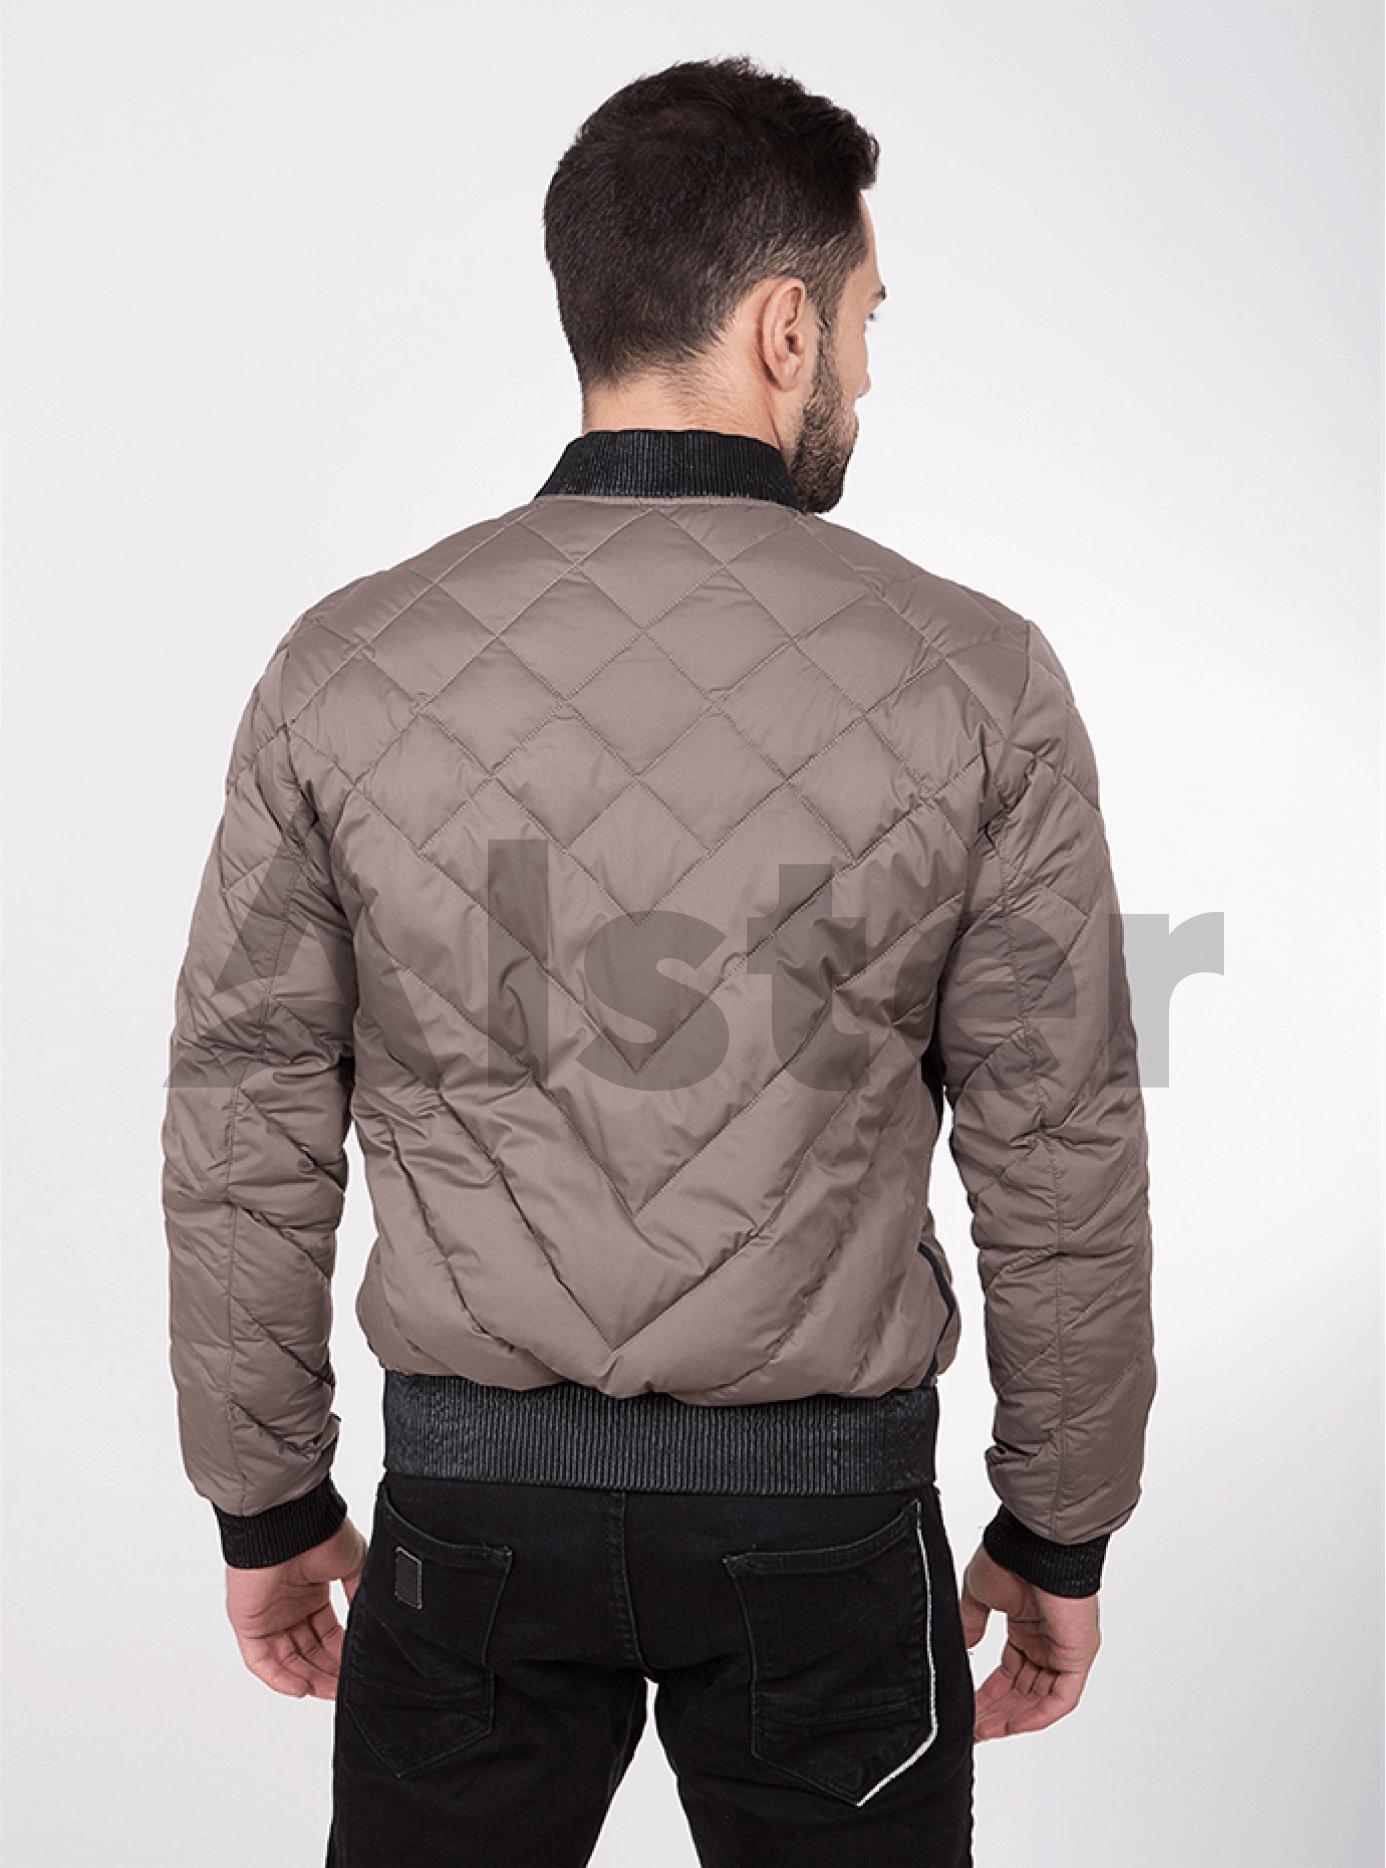 Куртка мужская демисезонная стёганая Бежевый 46 (02-MC18043): фото - Alster.ua